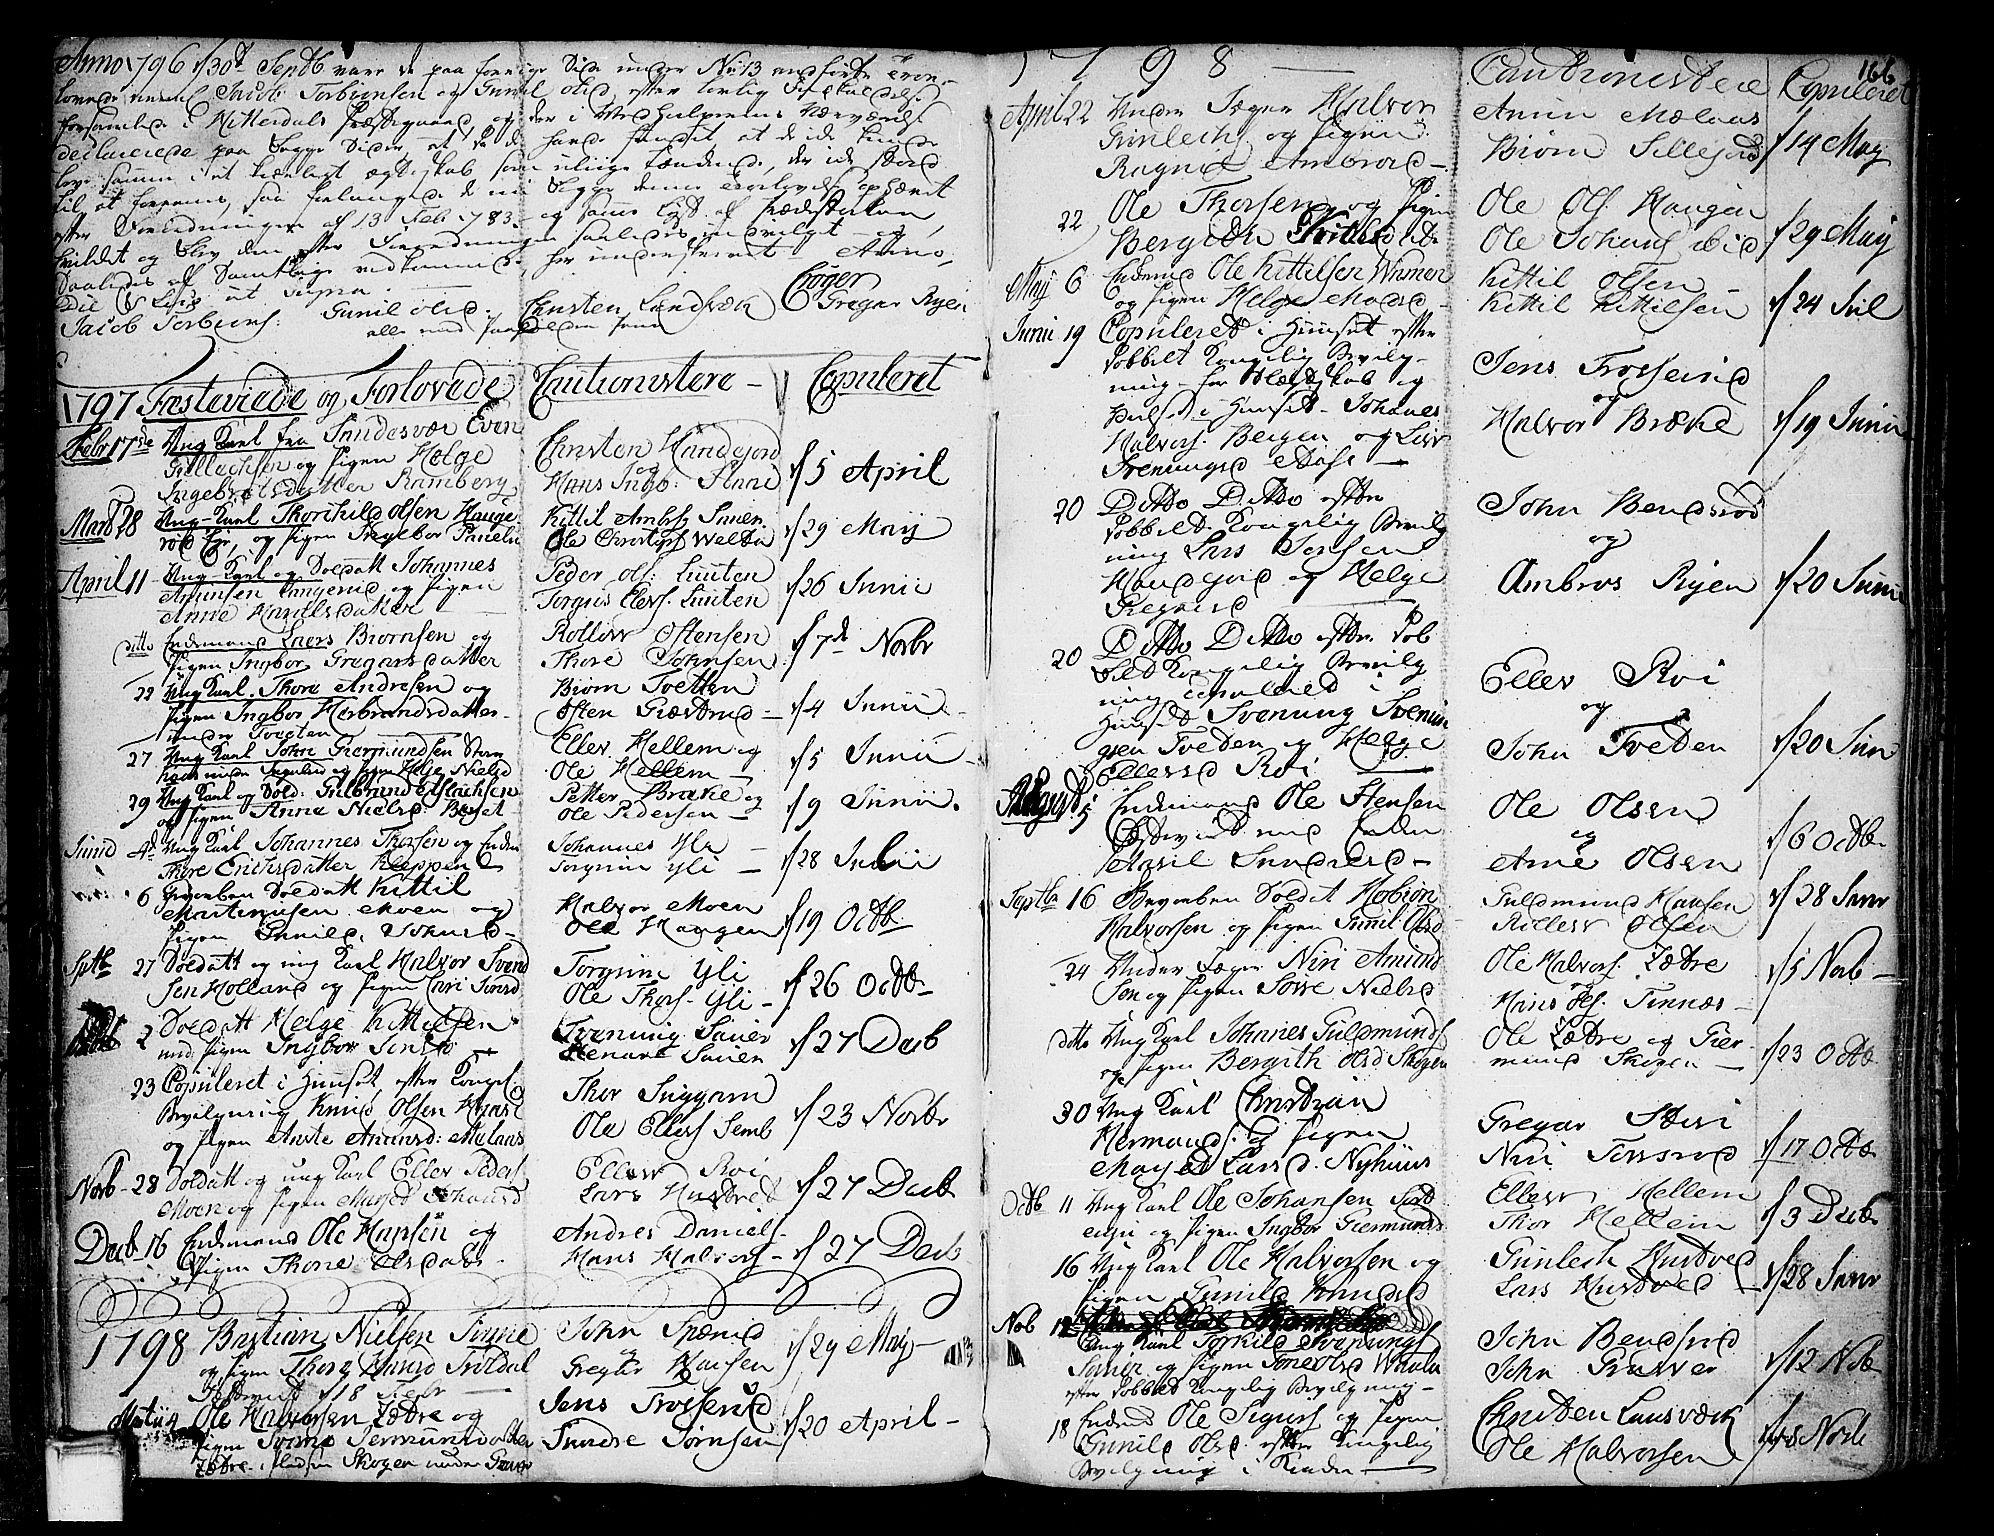 SAKO, Heddal kirkebøker, F/Fa/L0004: Ministerialbok nr. I 4, 1784-1814, s. 166